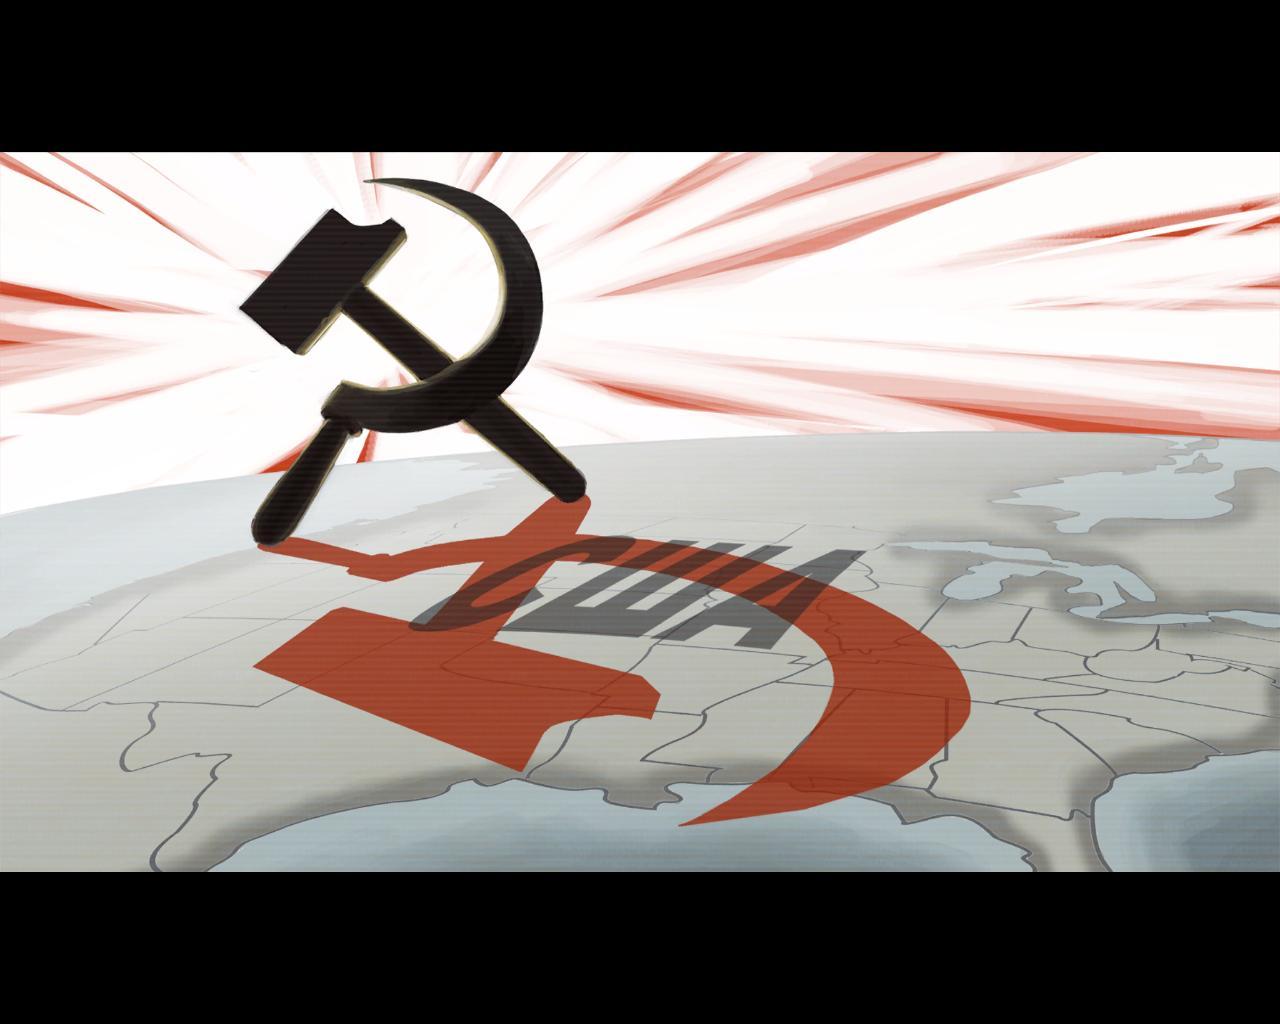 Скрины из разных игр - World in Conflict СССР победила США